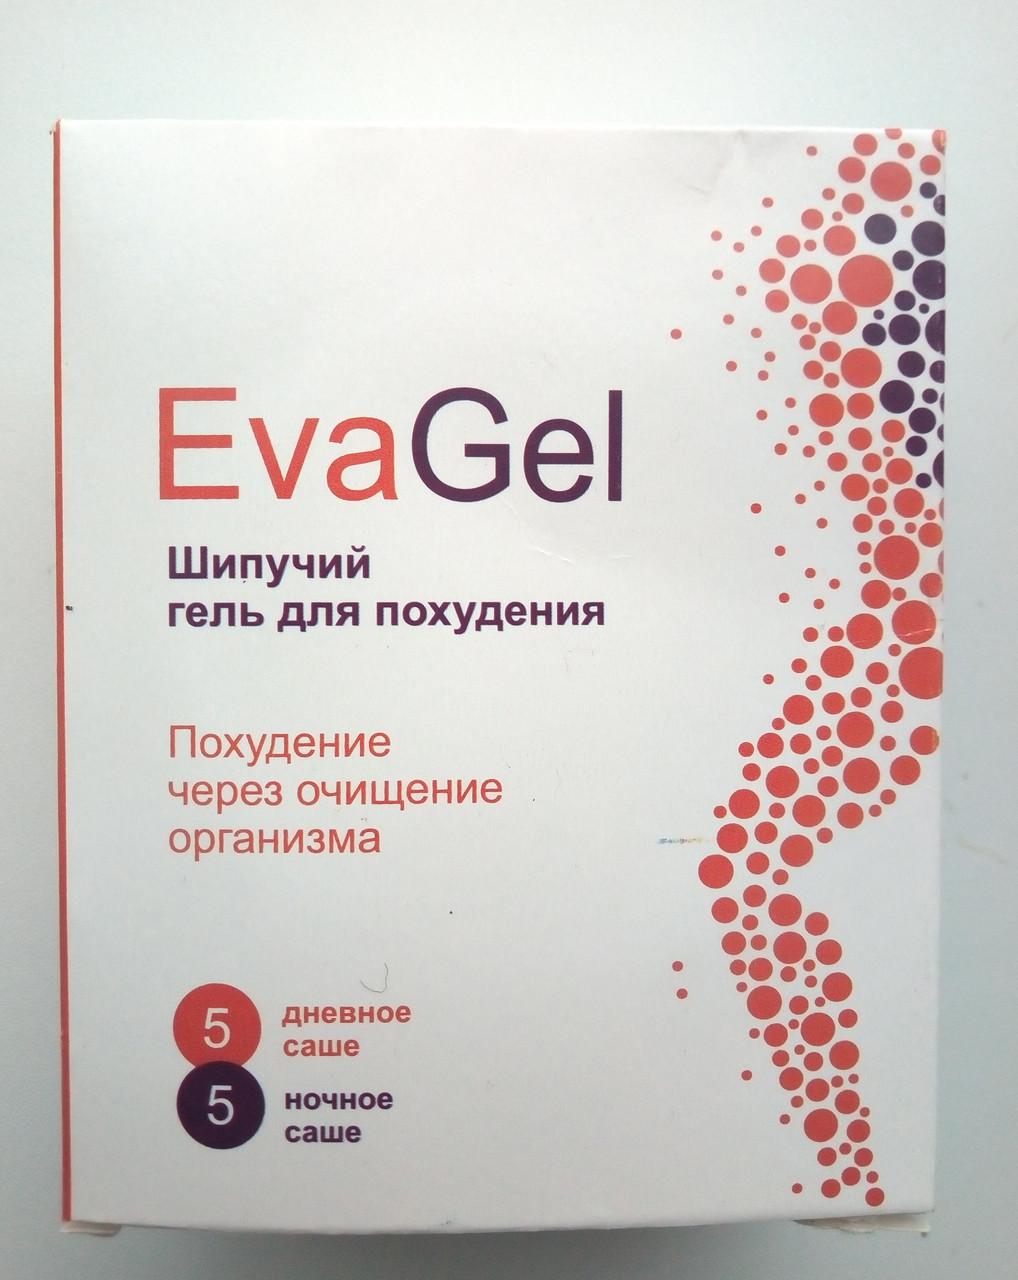 Шипучий гель для похудения Eva Gel (10 саше)